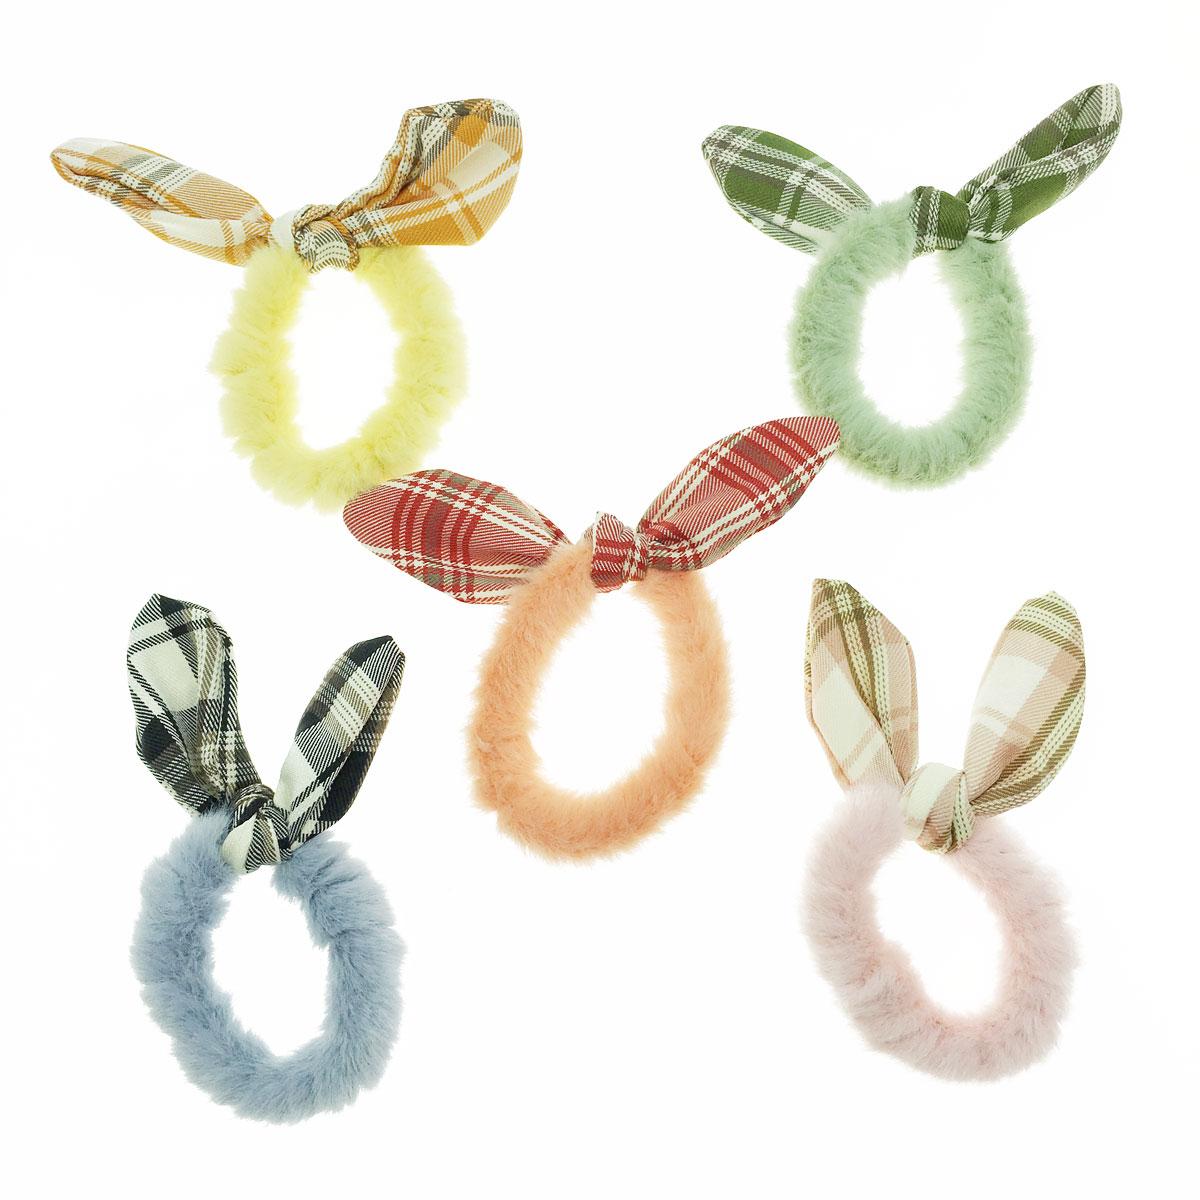 韓國 格子 蝴蝶結 毛毛 顏色隨機 五入一組 髮圈 髮束 髮飾